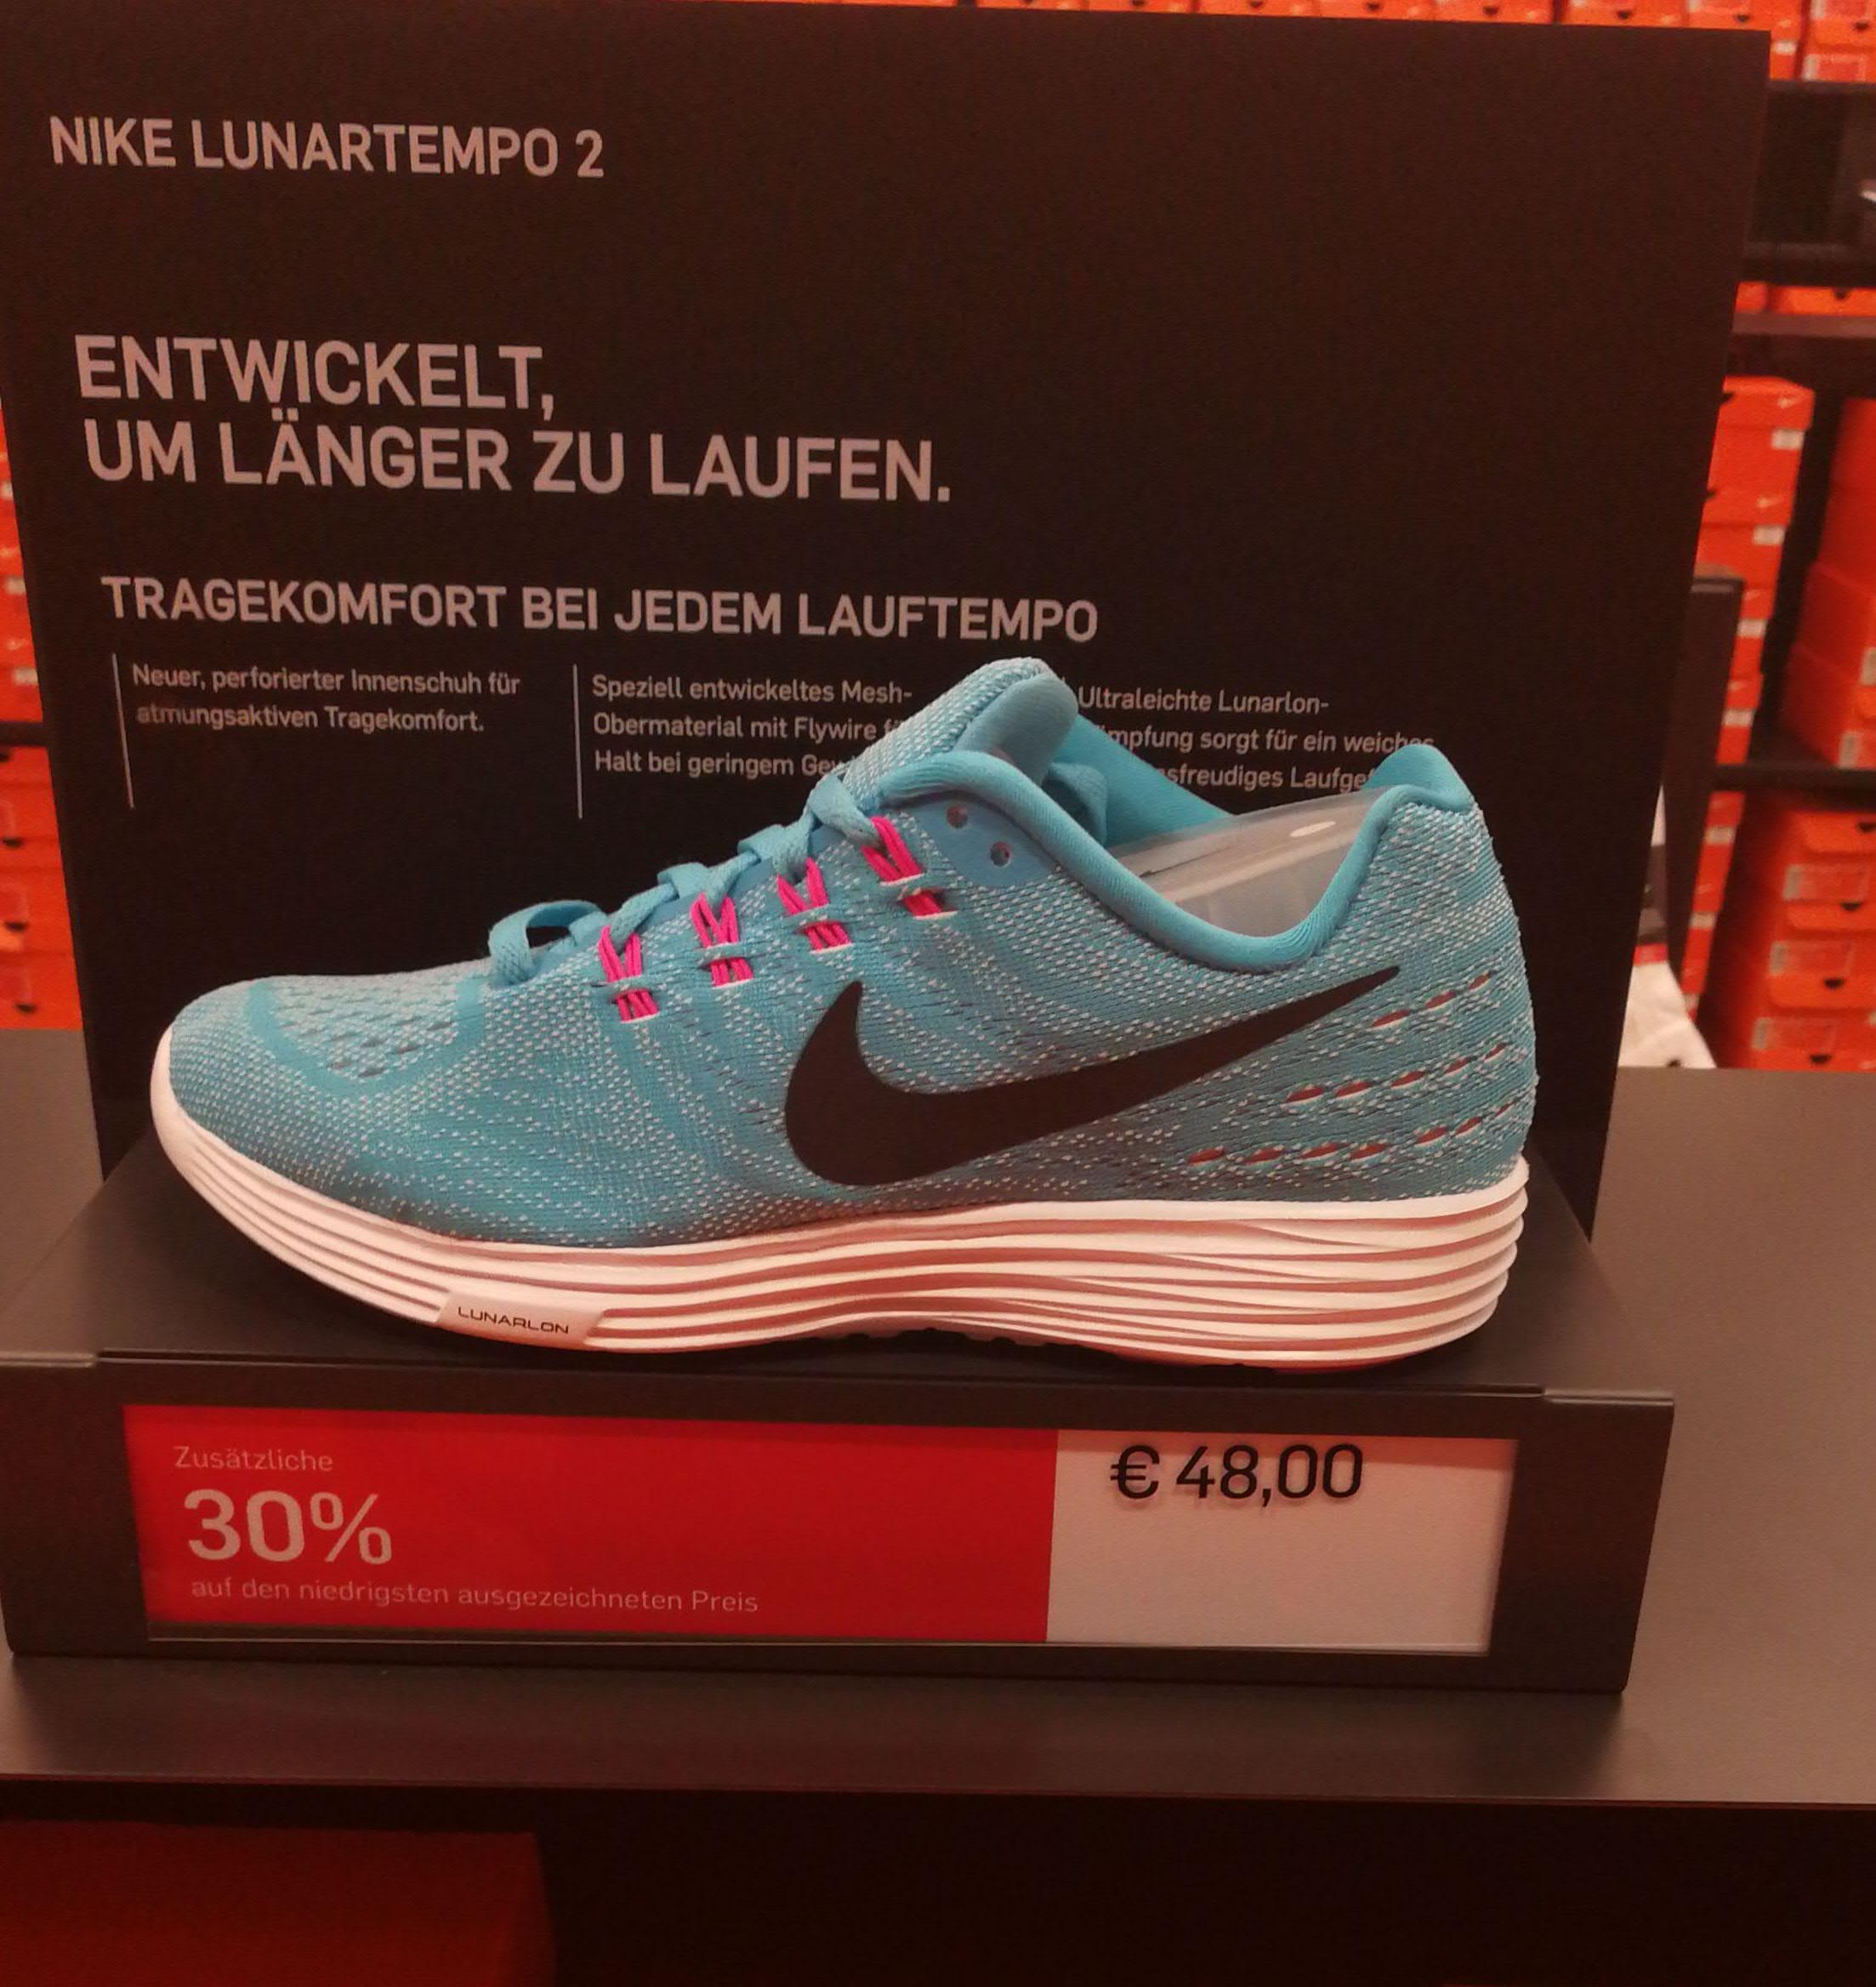 Nike Outlet Center Herzogenaurach. 30% extra auf alle Schuhe! (auf den niedrigsten ausgezeichneten Preis)z.B. Lunartempo 2 für 33,60€